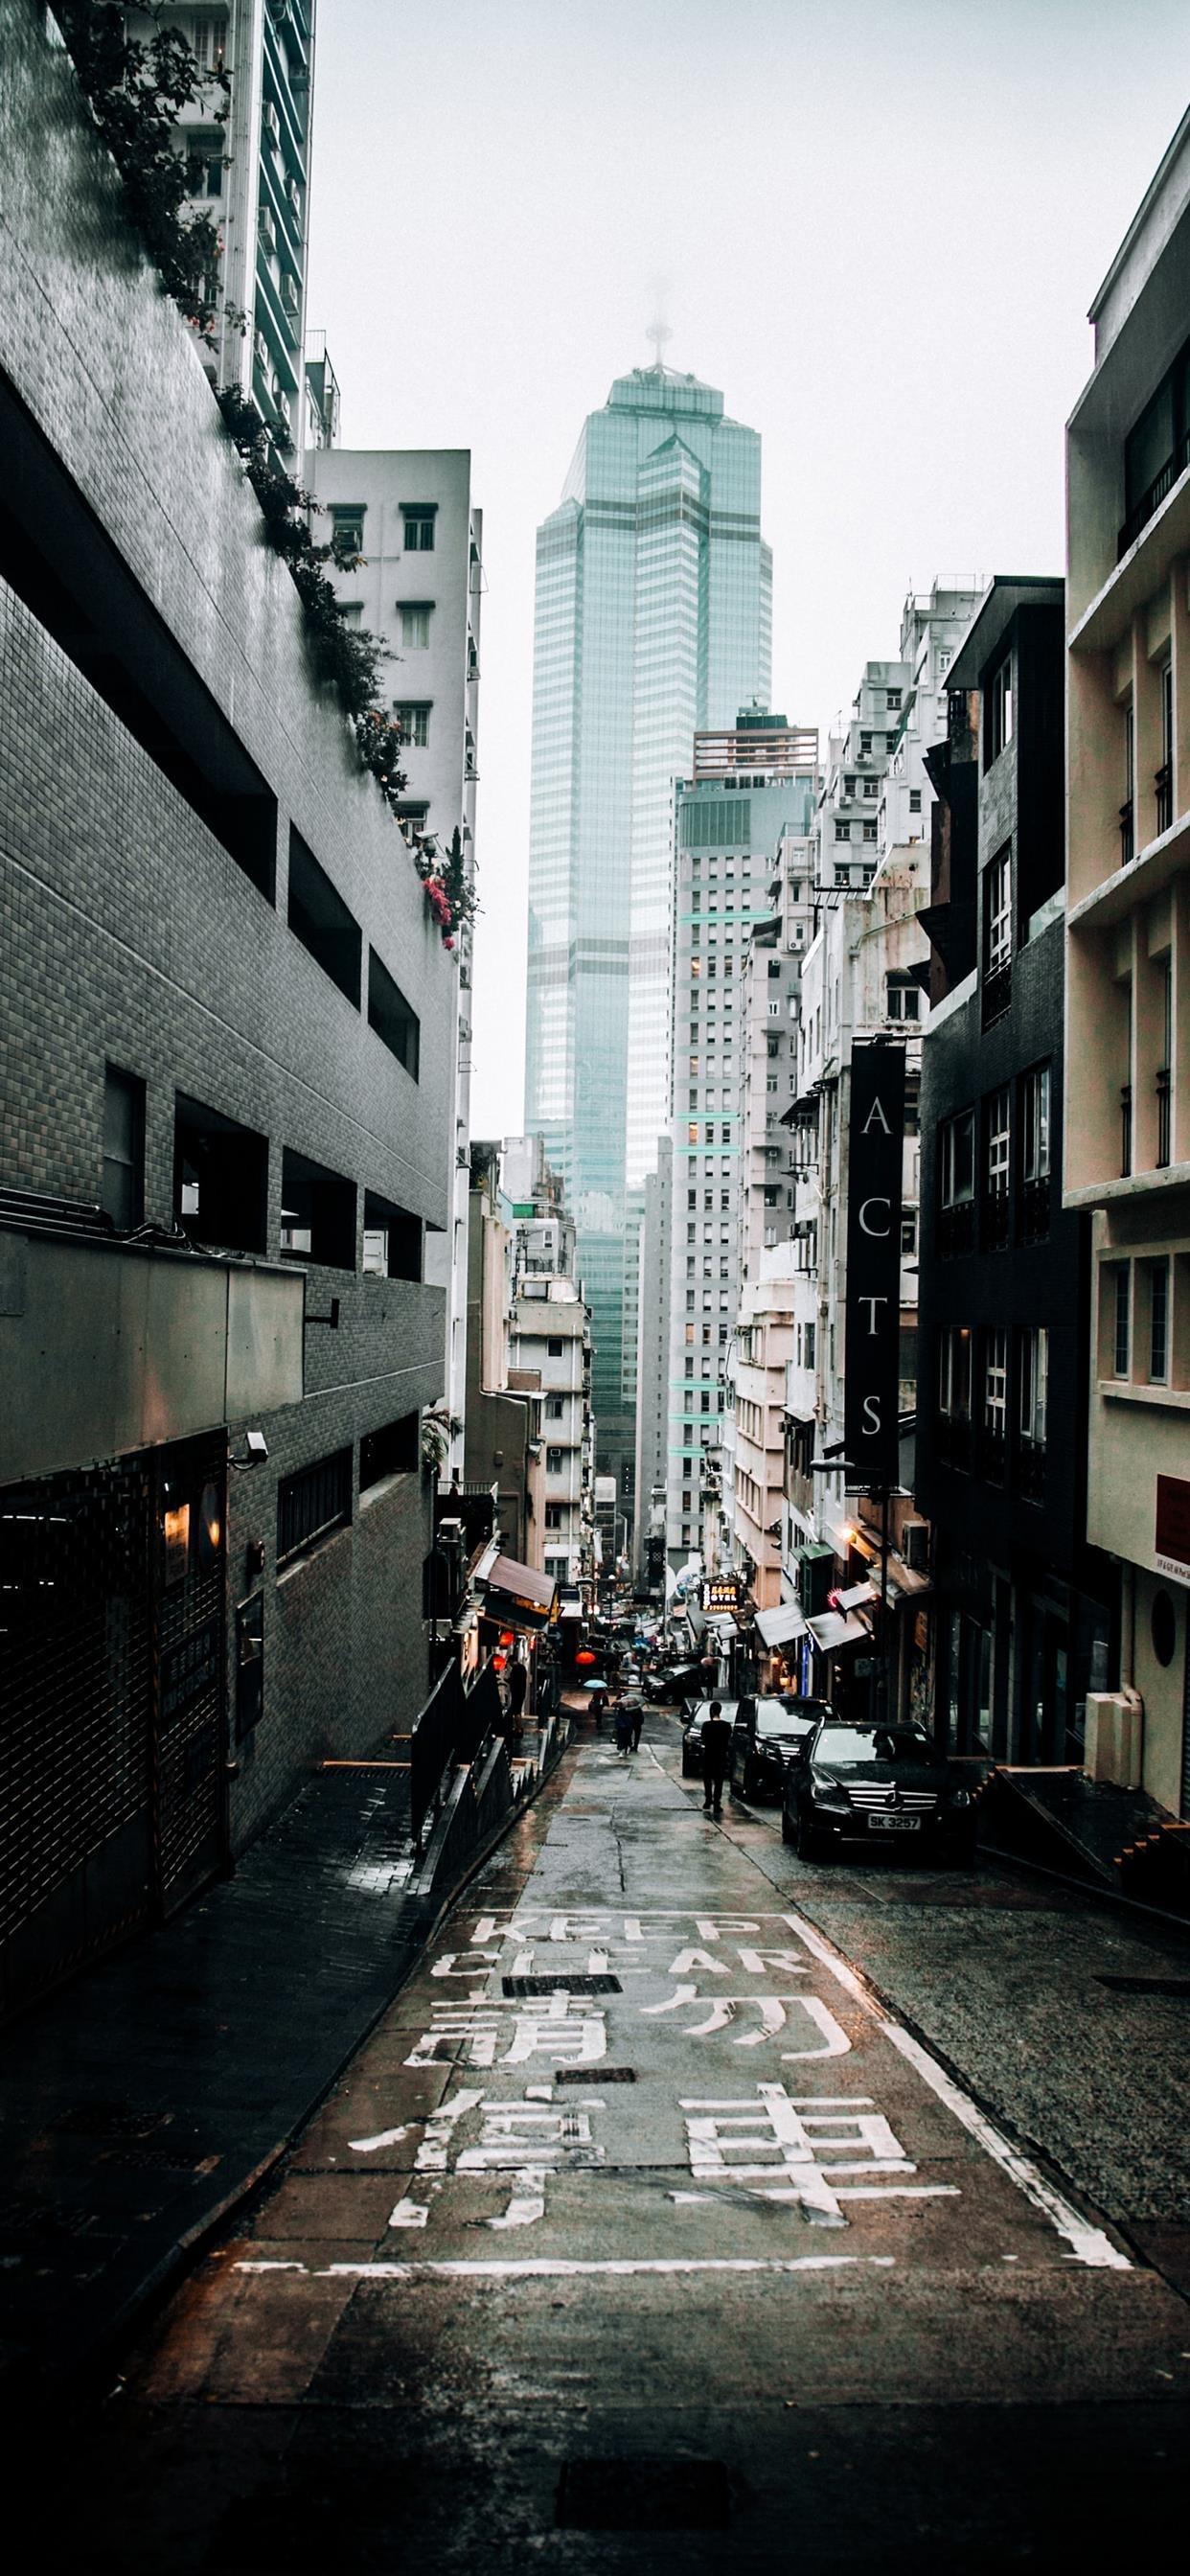 香港街头风景建筑手机壁纸